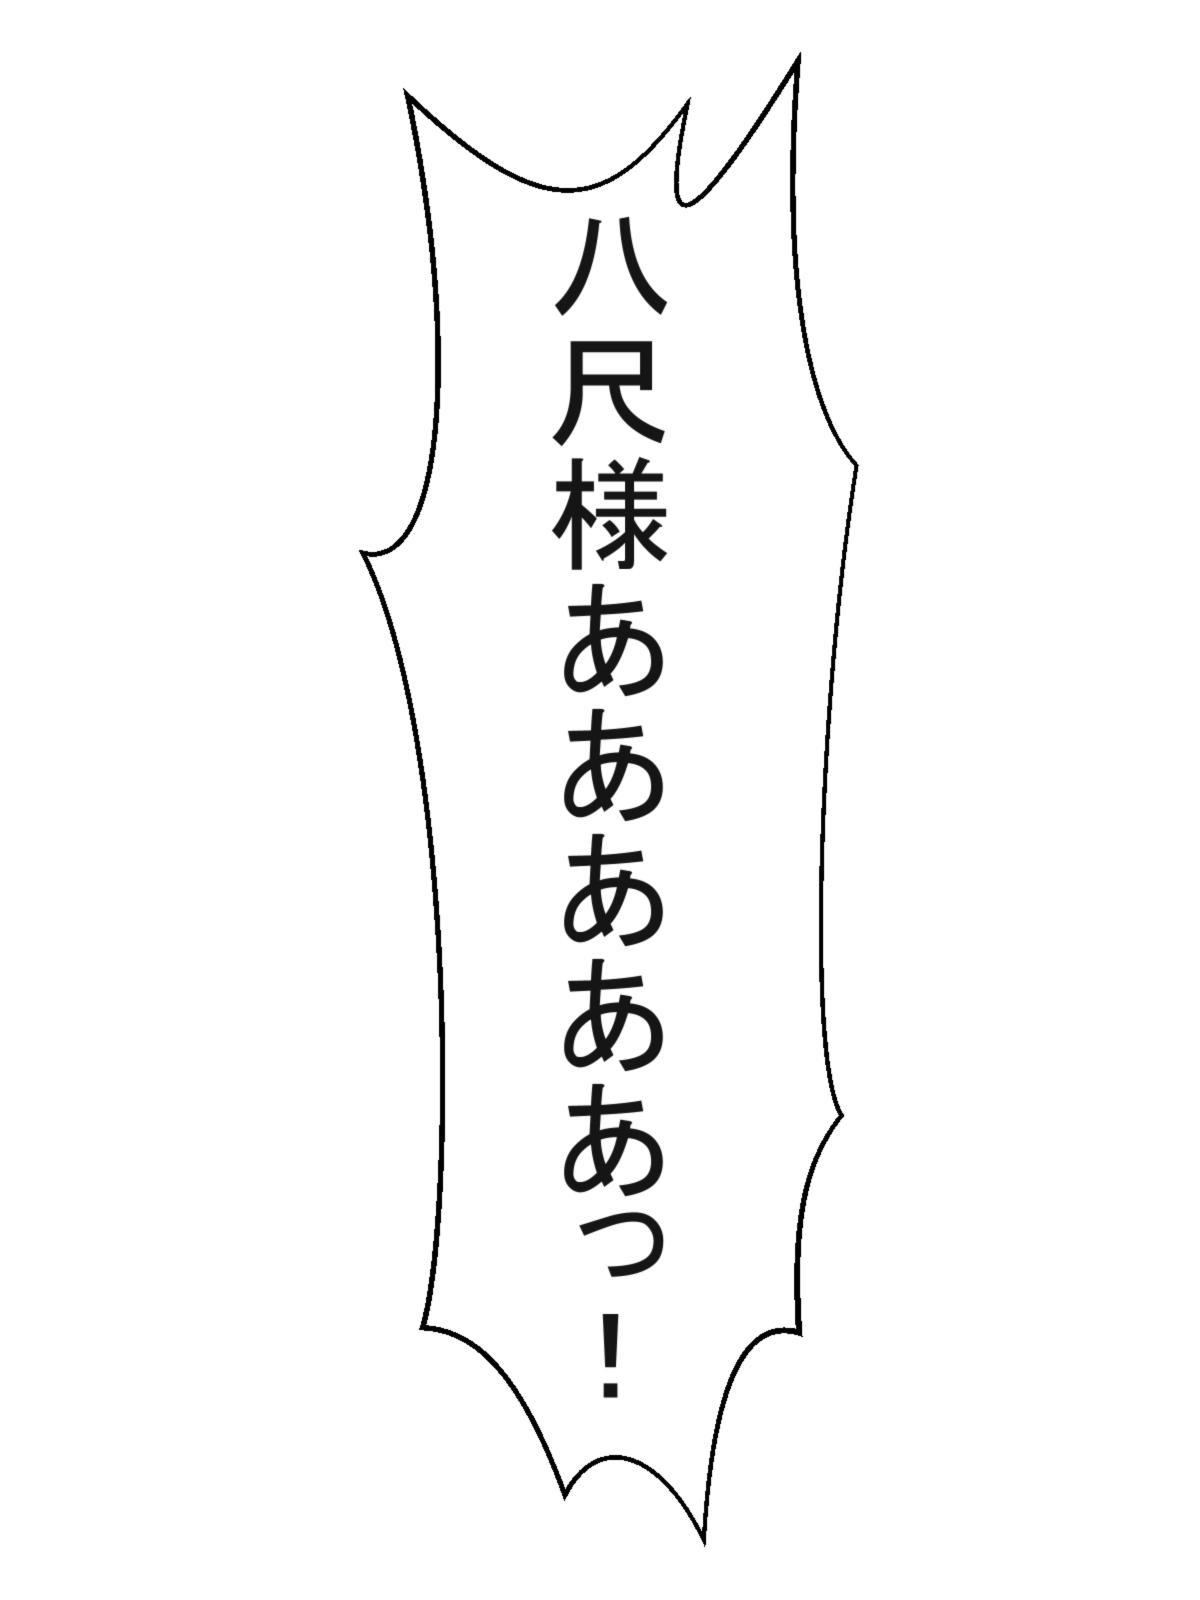 Hasshaku-sama to Boku no Paizuri Memories 76